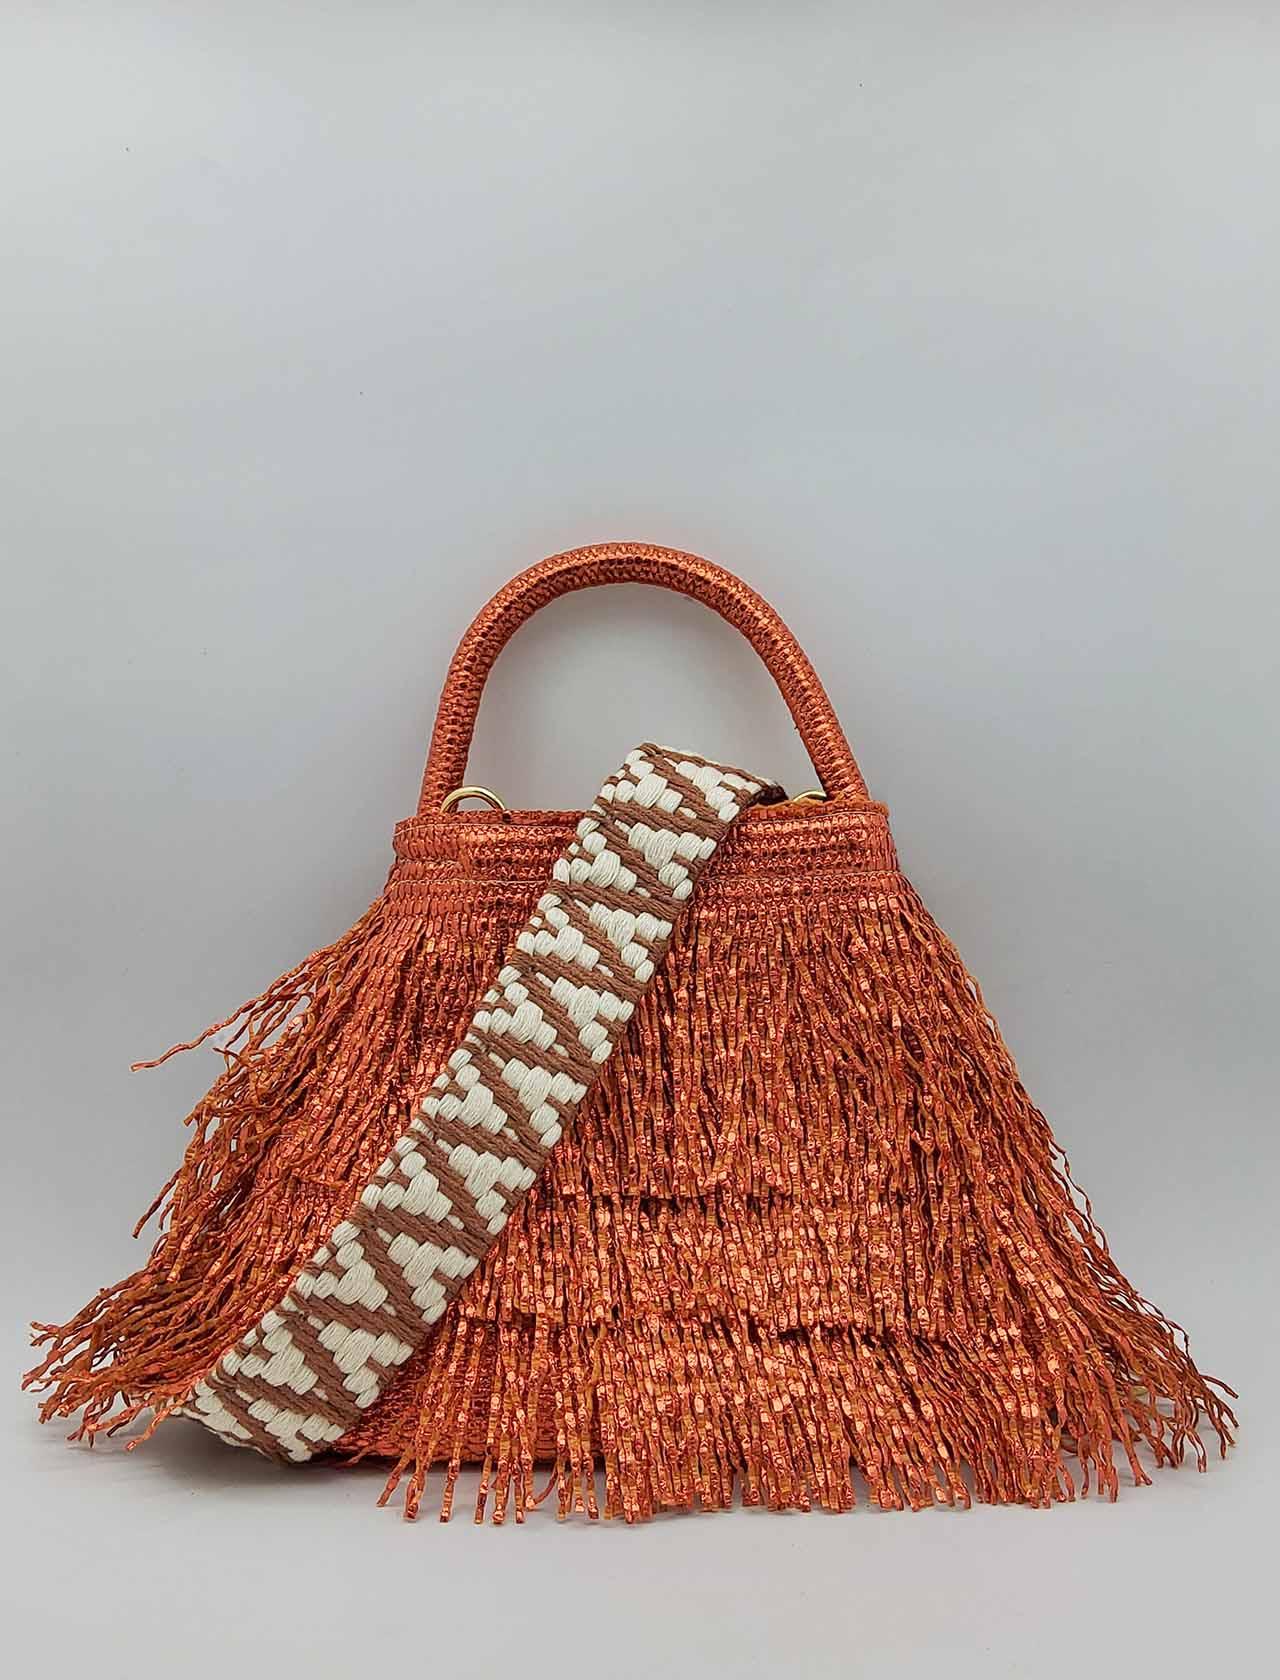 Borsa Donna a Piccola in Frange Effetto Glitter in Colore Arancio con Manico a Mano e Tracolla in Tessuto Removibile Via Mail Bag | Borse e zaini | GLITTERG04